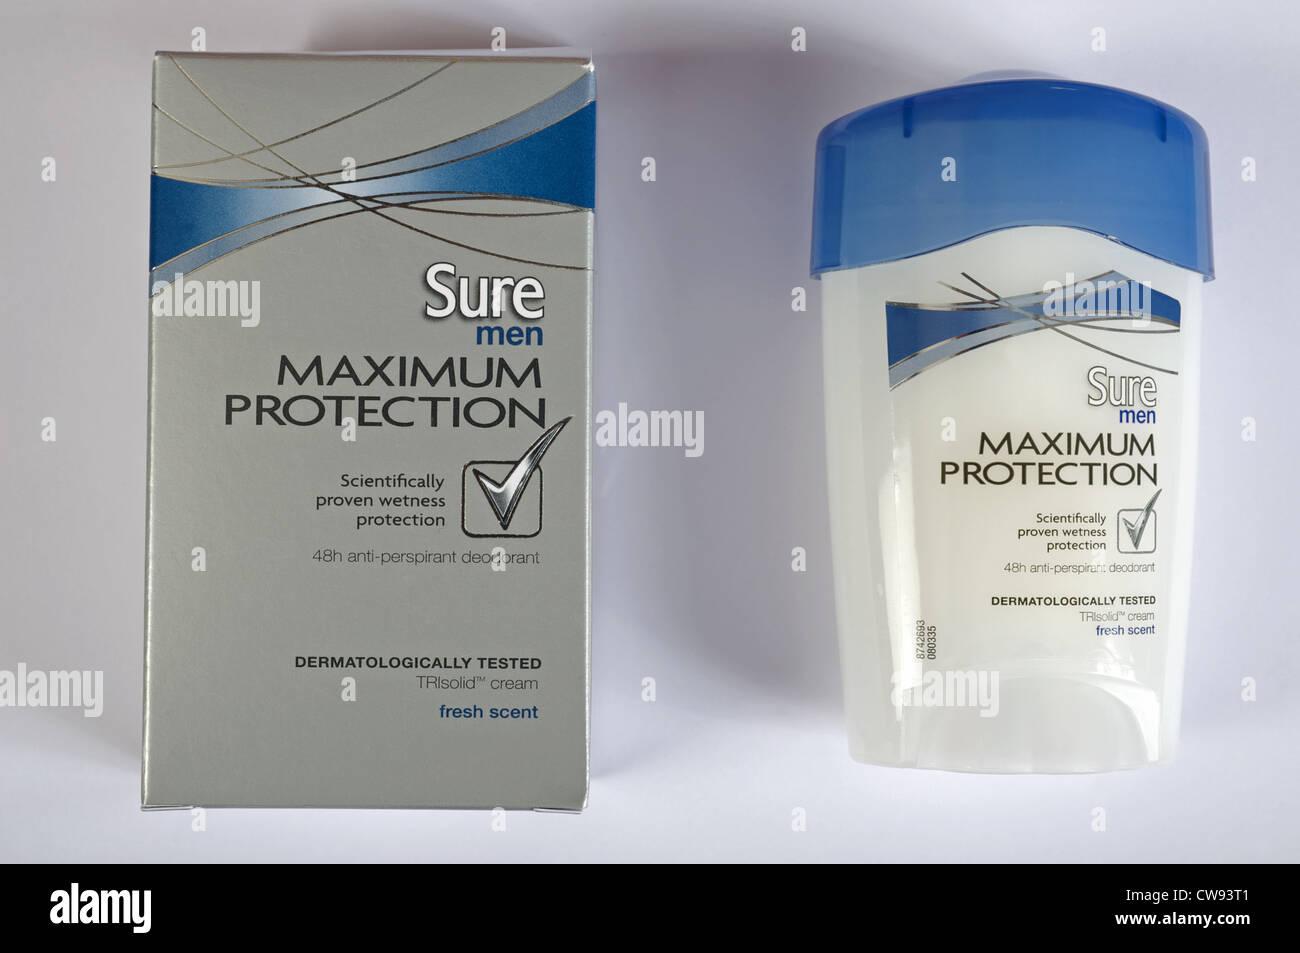 Sure Men maximum protection deodorant stick - Stock Image